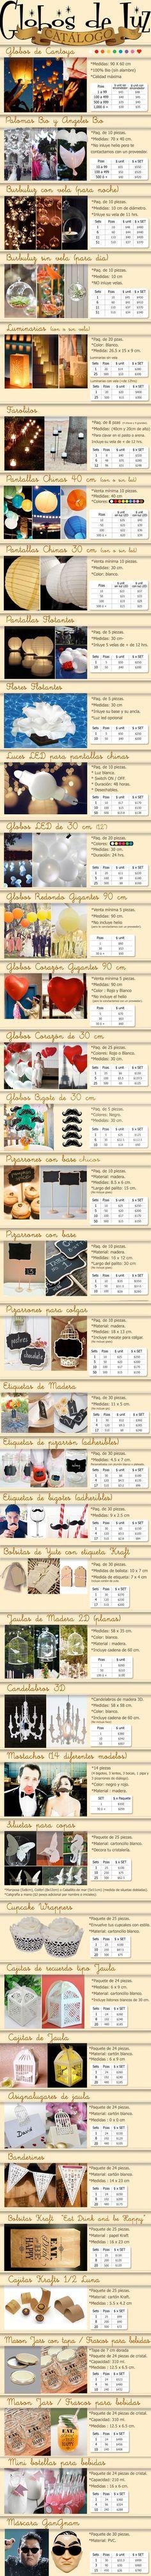 Globos de Cantoya - Catalogo de productos / / Ideas originales para decorar boda / decoracion fiestas / eventos / Globos de Luz México / COMPRA AQUÍ: www.globosdeluz.com ventas@globosdeluz.com